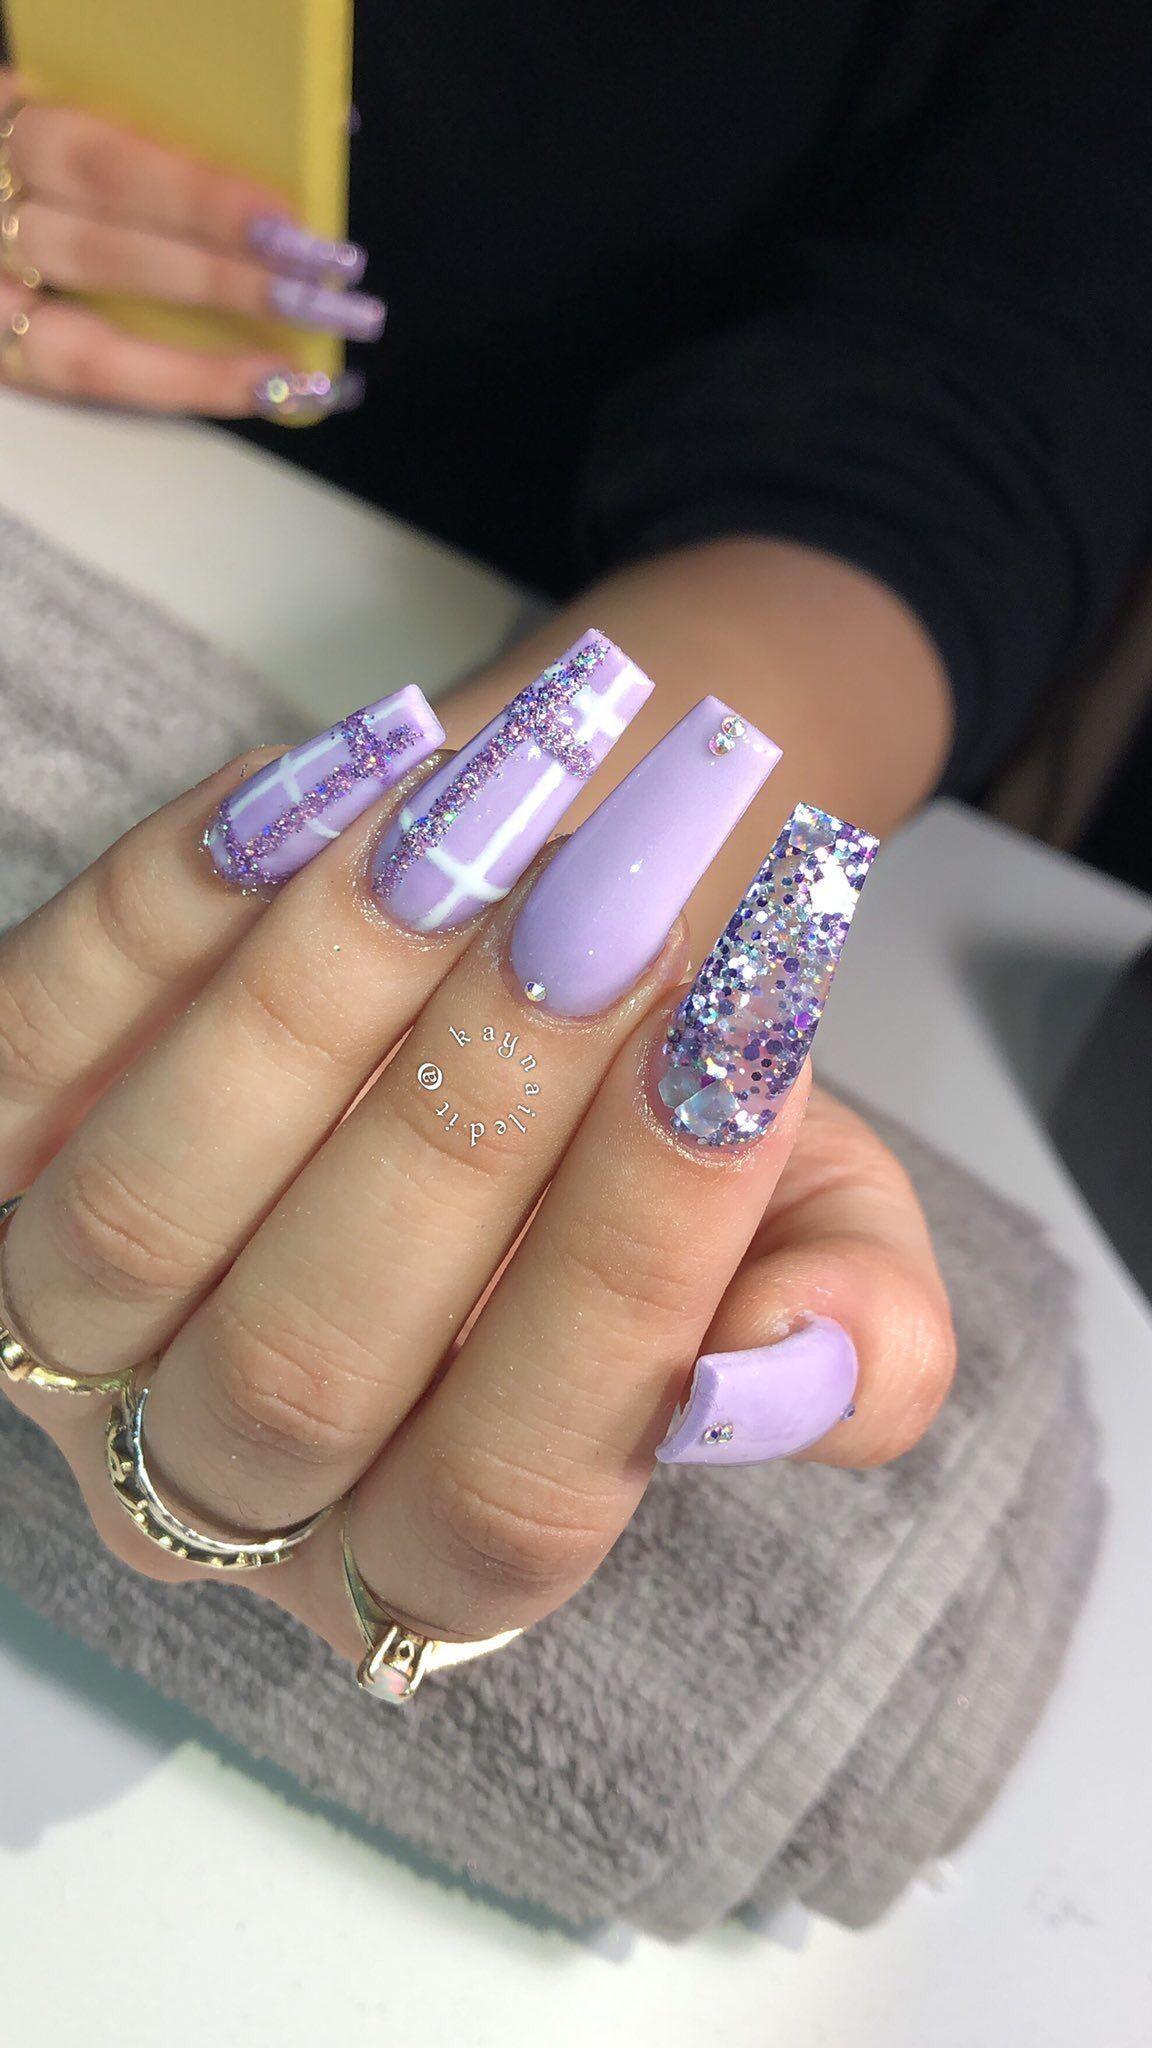 Pin By Harlem On Nail Inspo Cute Acrylic Nails Purple Nails Acrylic Nail Designs